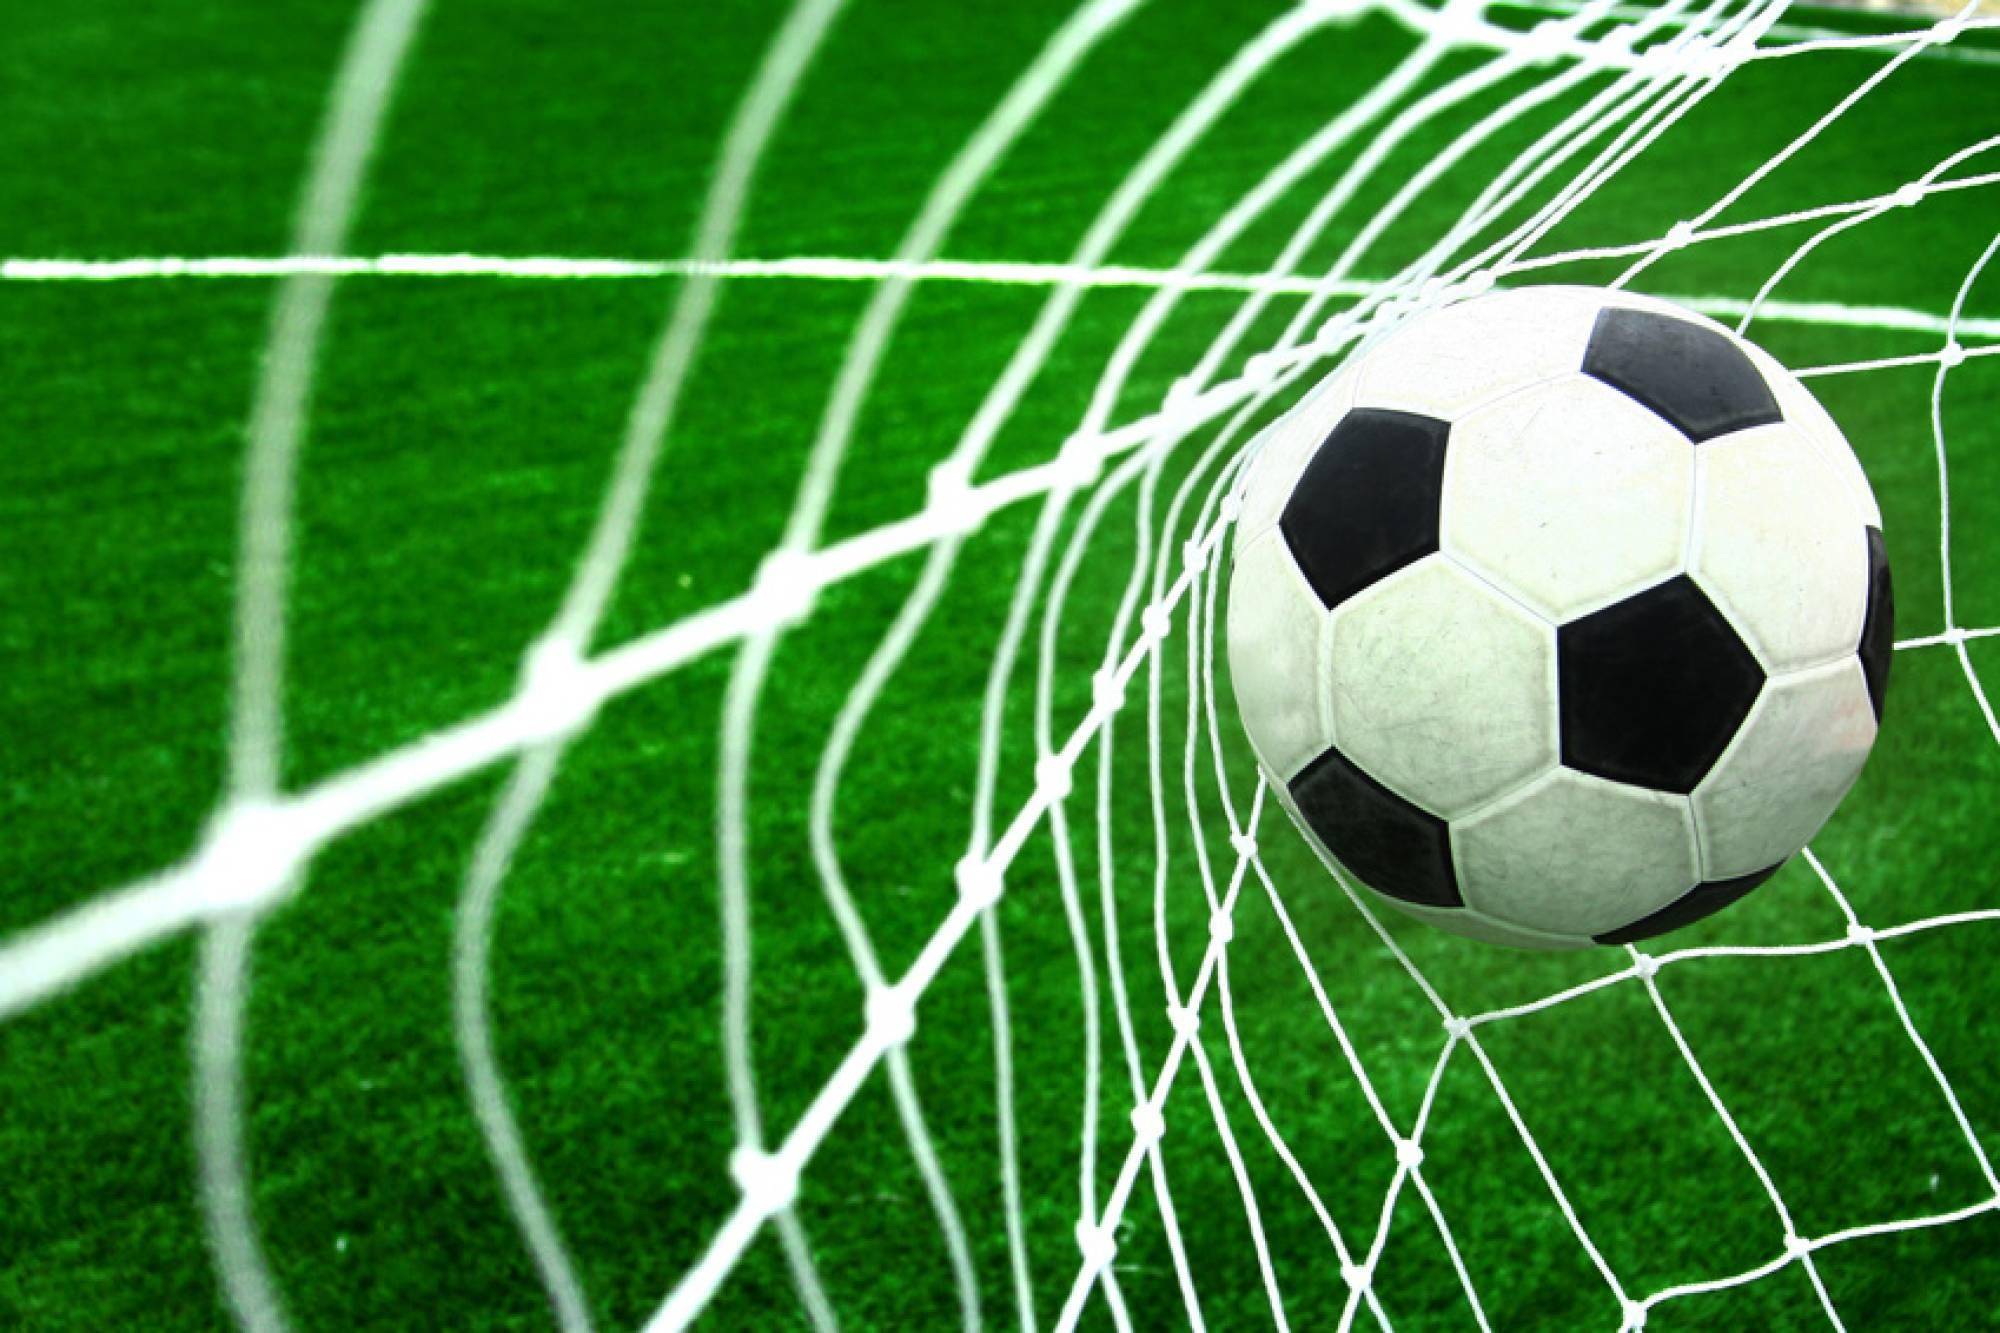 Cmonclubdefoot : j'en apprends tous les jours sur les joueurs de foot